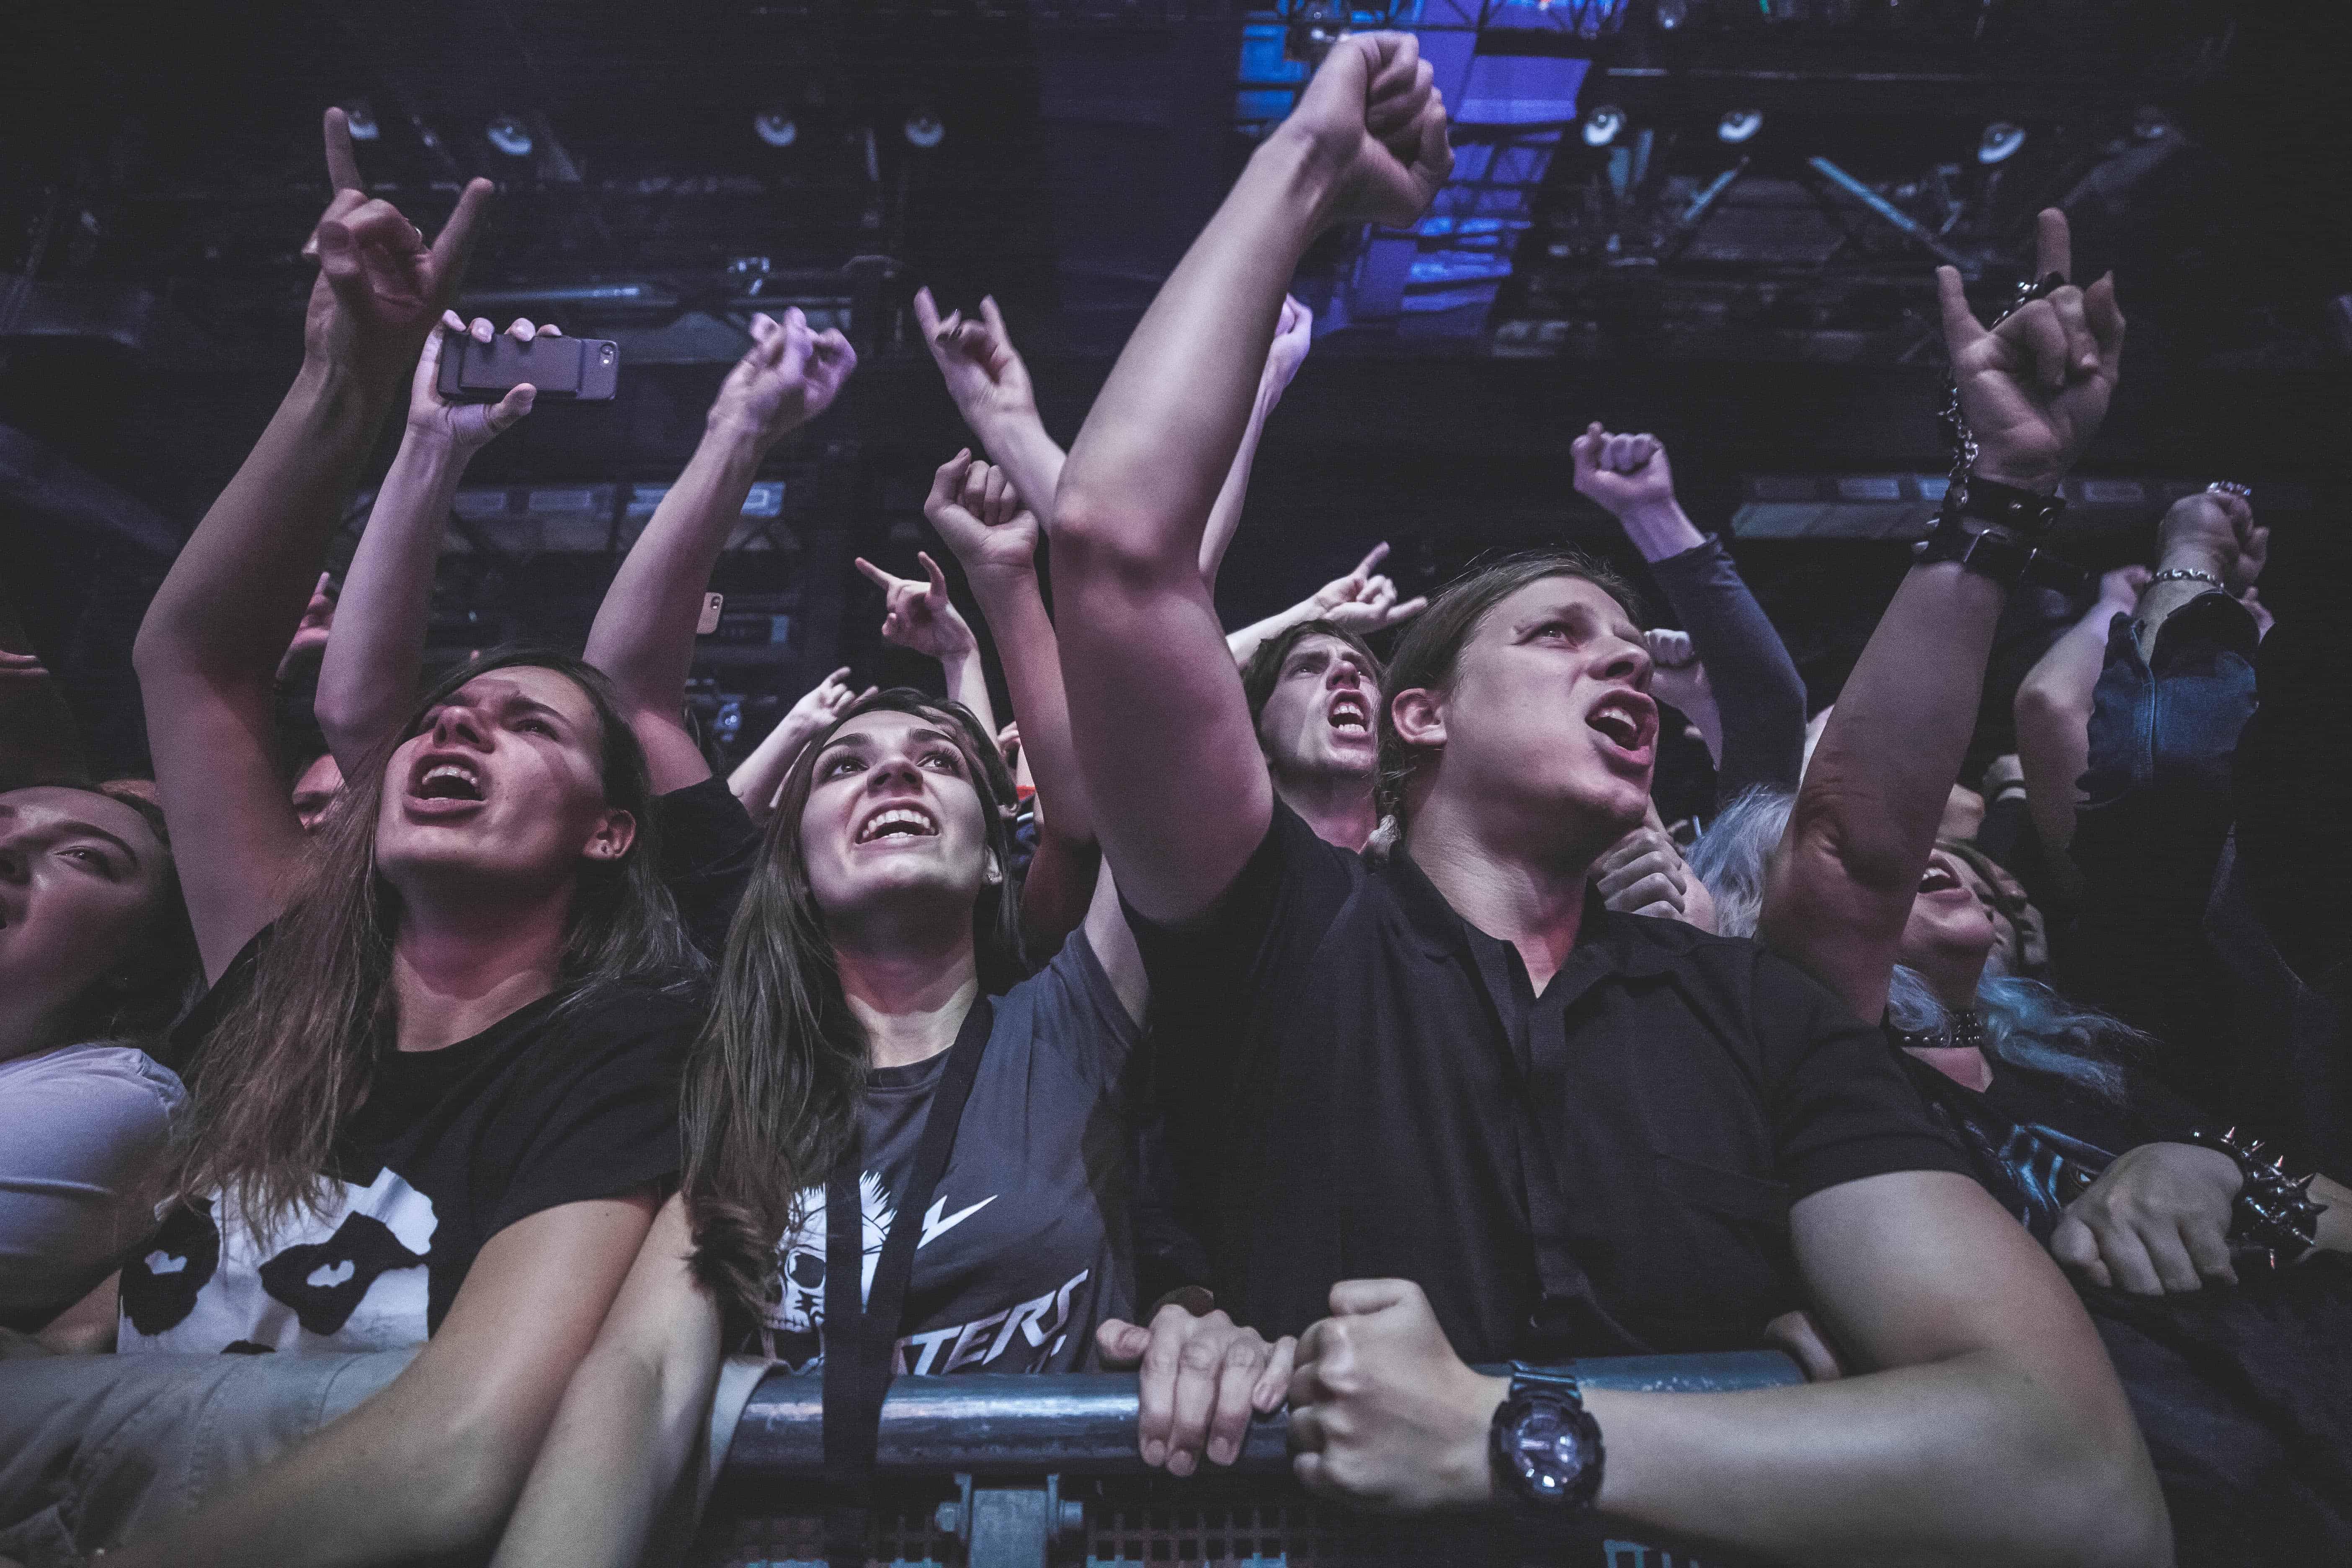 Концерт Arch Enemy в ГЛАВCLUB GREEN CONCERT Концерт Arch Enemy в ГЛАВCLUB GREEN CONCERT IMG 7143